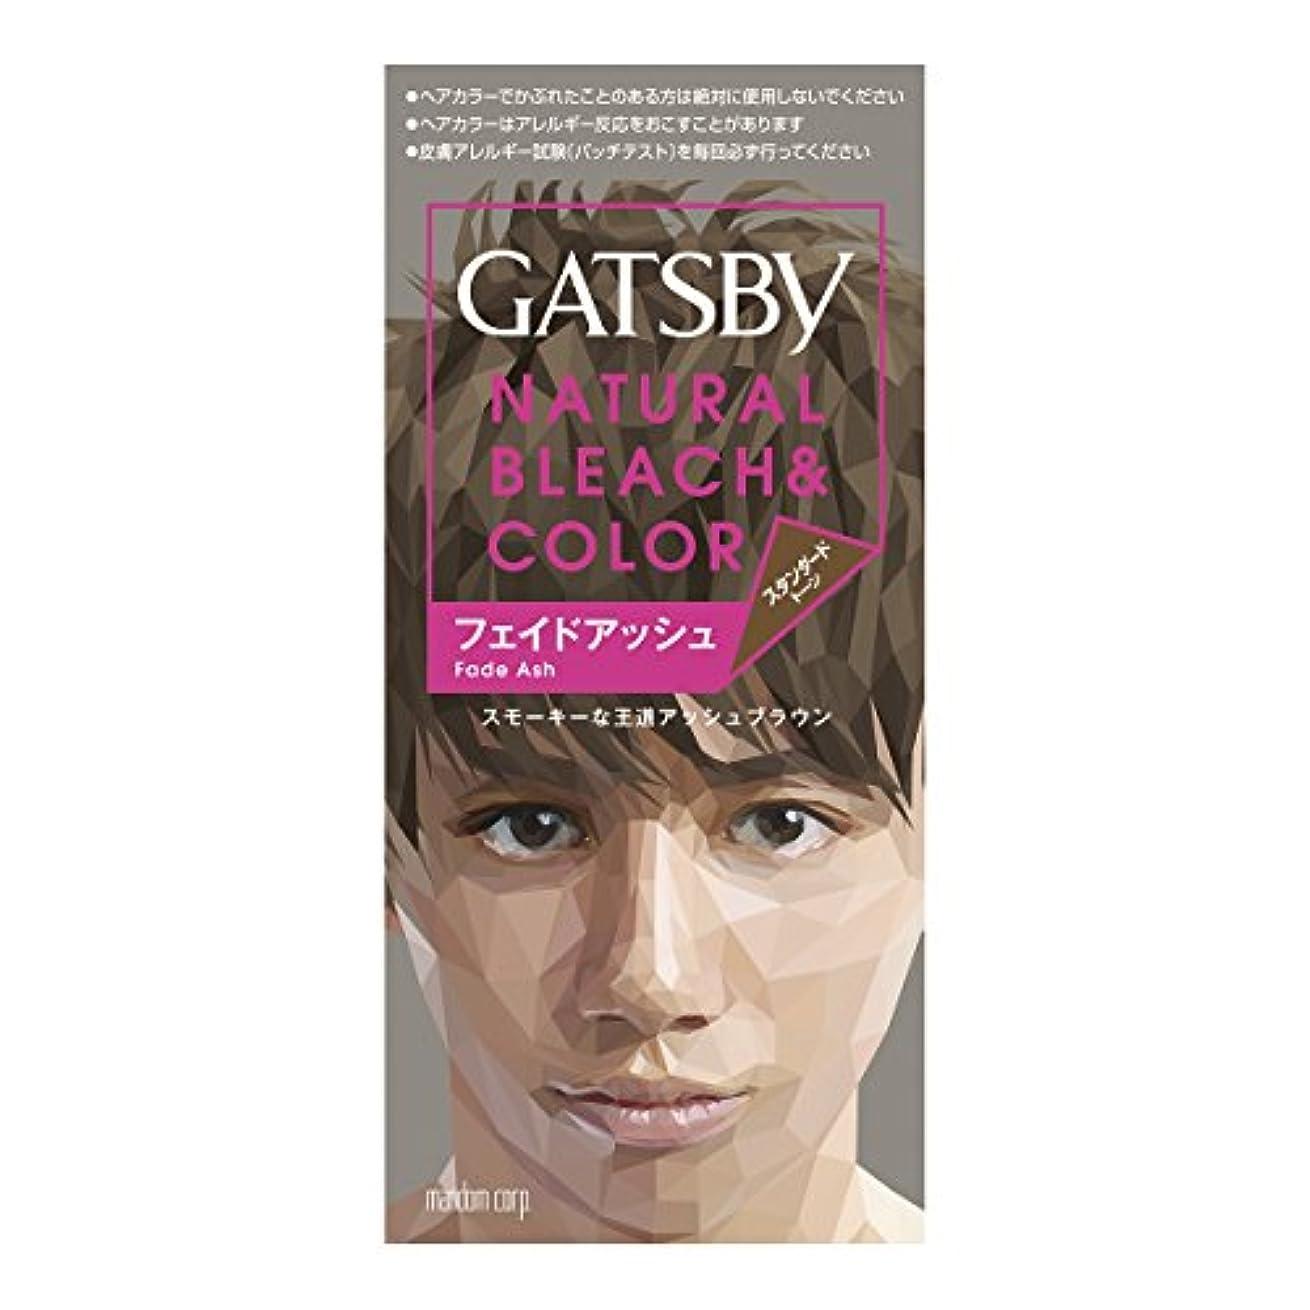 チップ知覚する羽ギャツビー ナチュラルブリーチカラー フェイドアッシュ 1組【HTRC5.1】